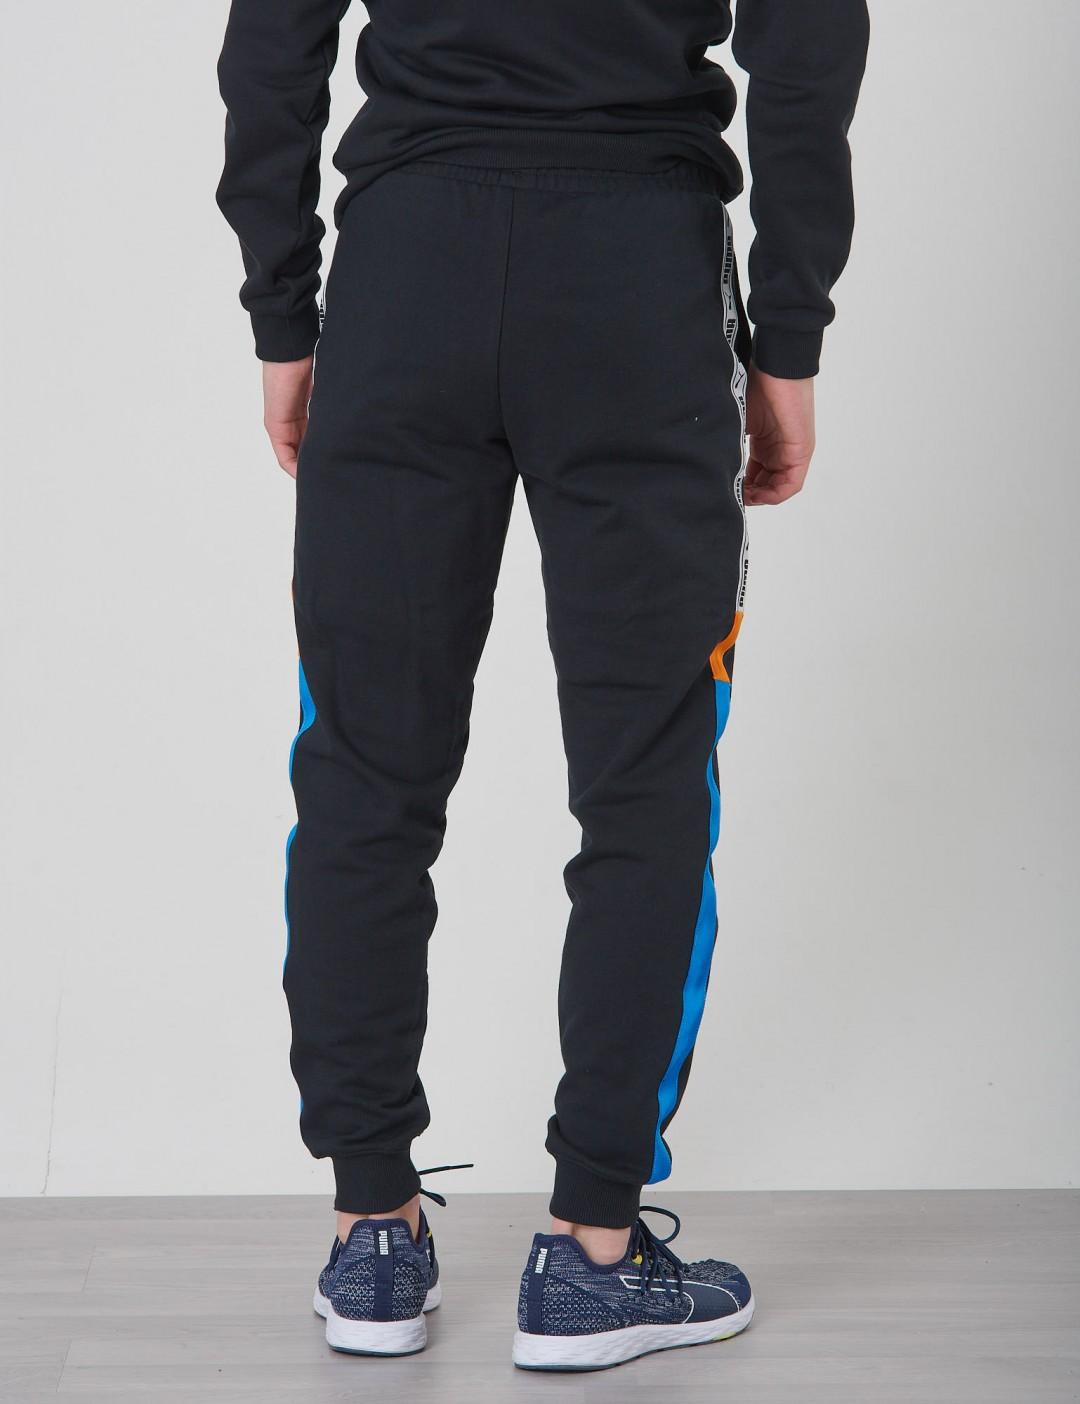 57012b0fa88 Puma Xtg Sweat Pants Cl - Zwart - Puma | KidsBrandStore